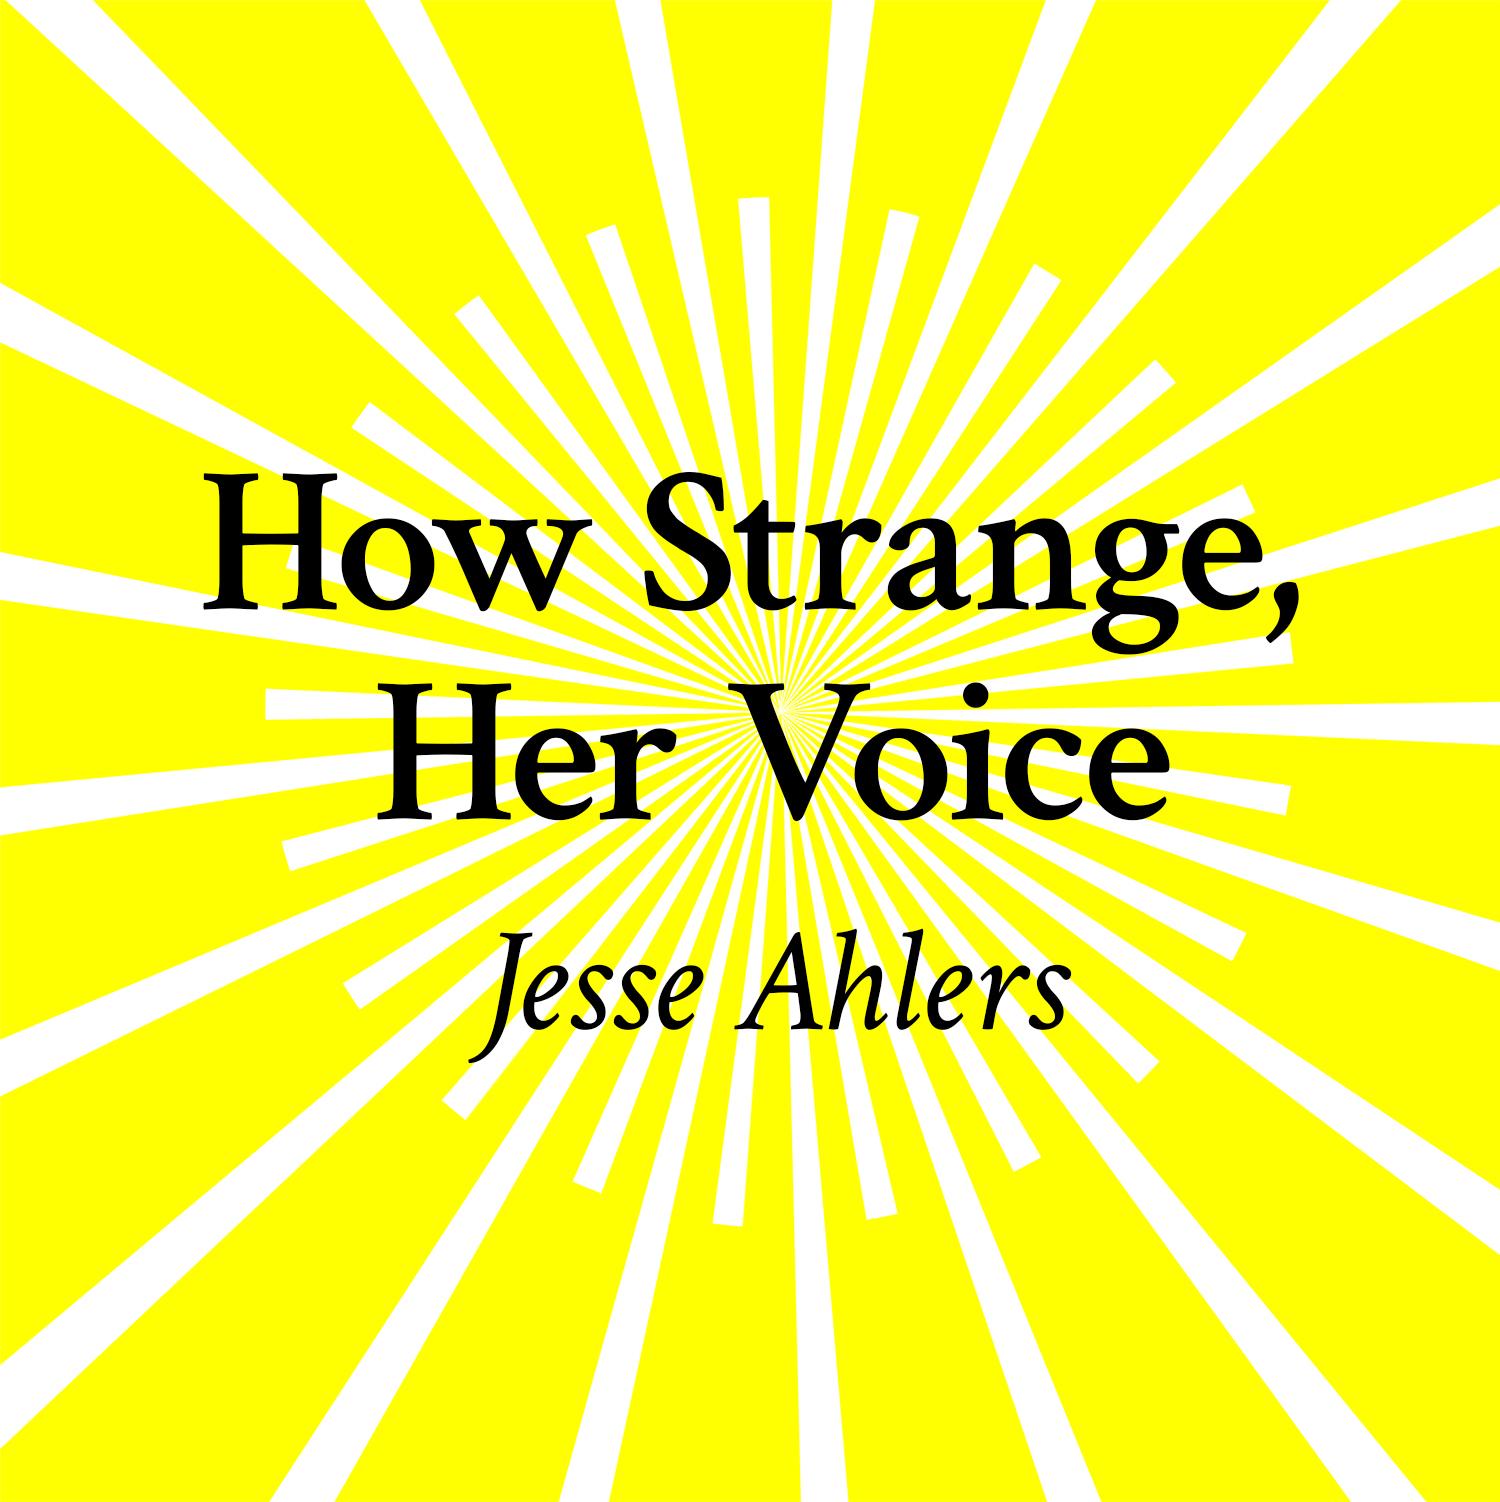 How Strange, Her Voice